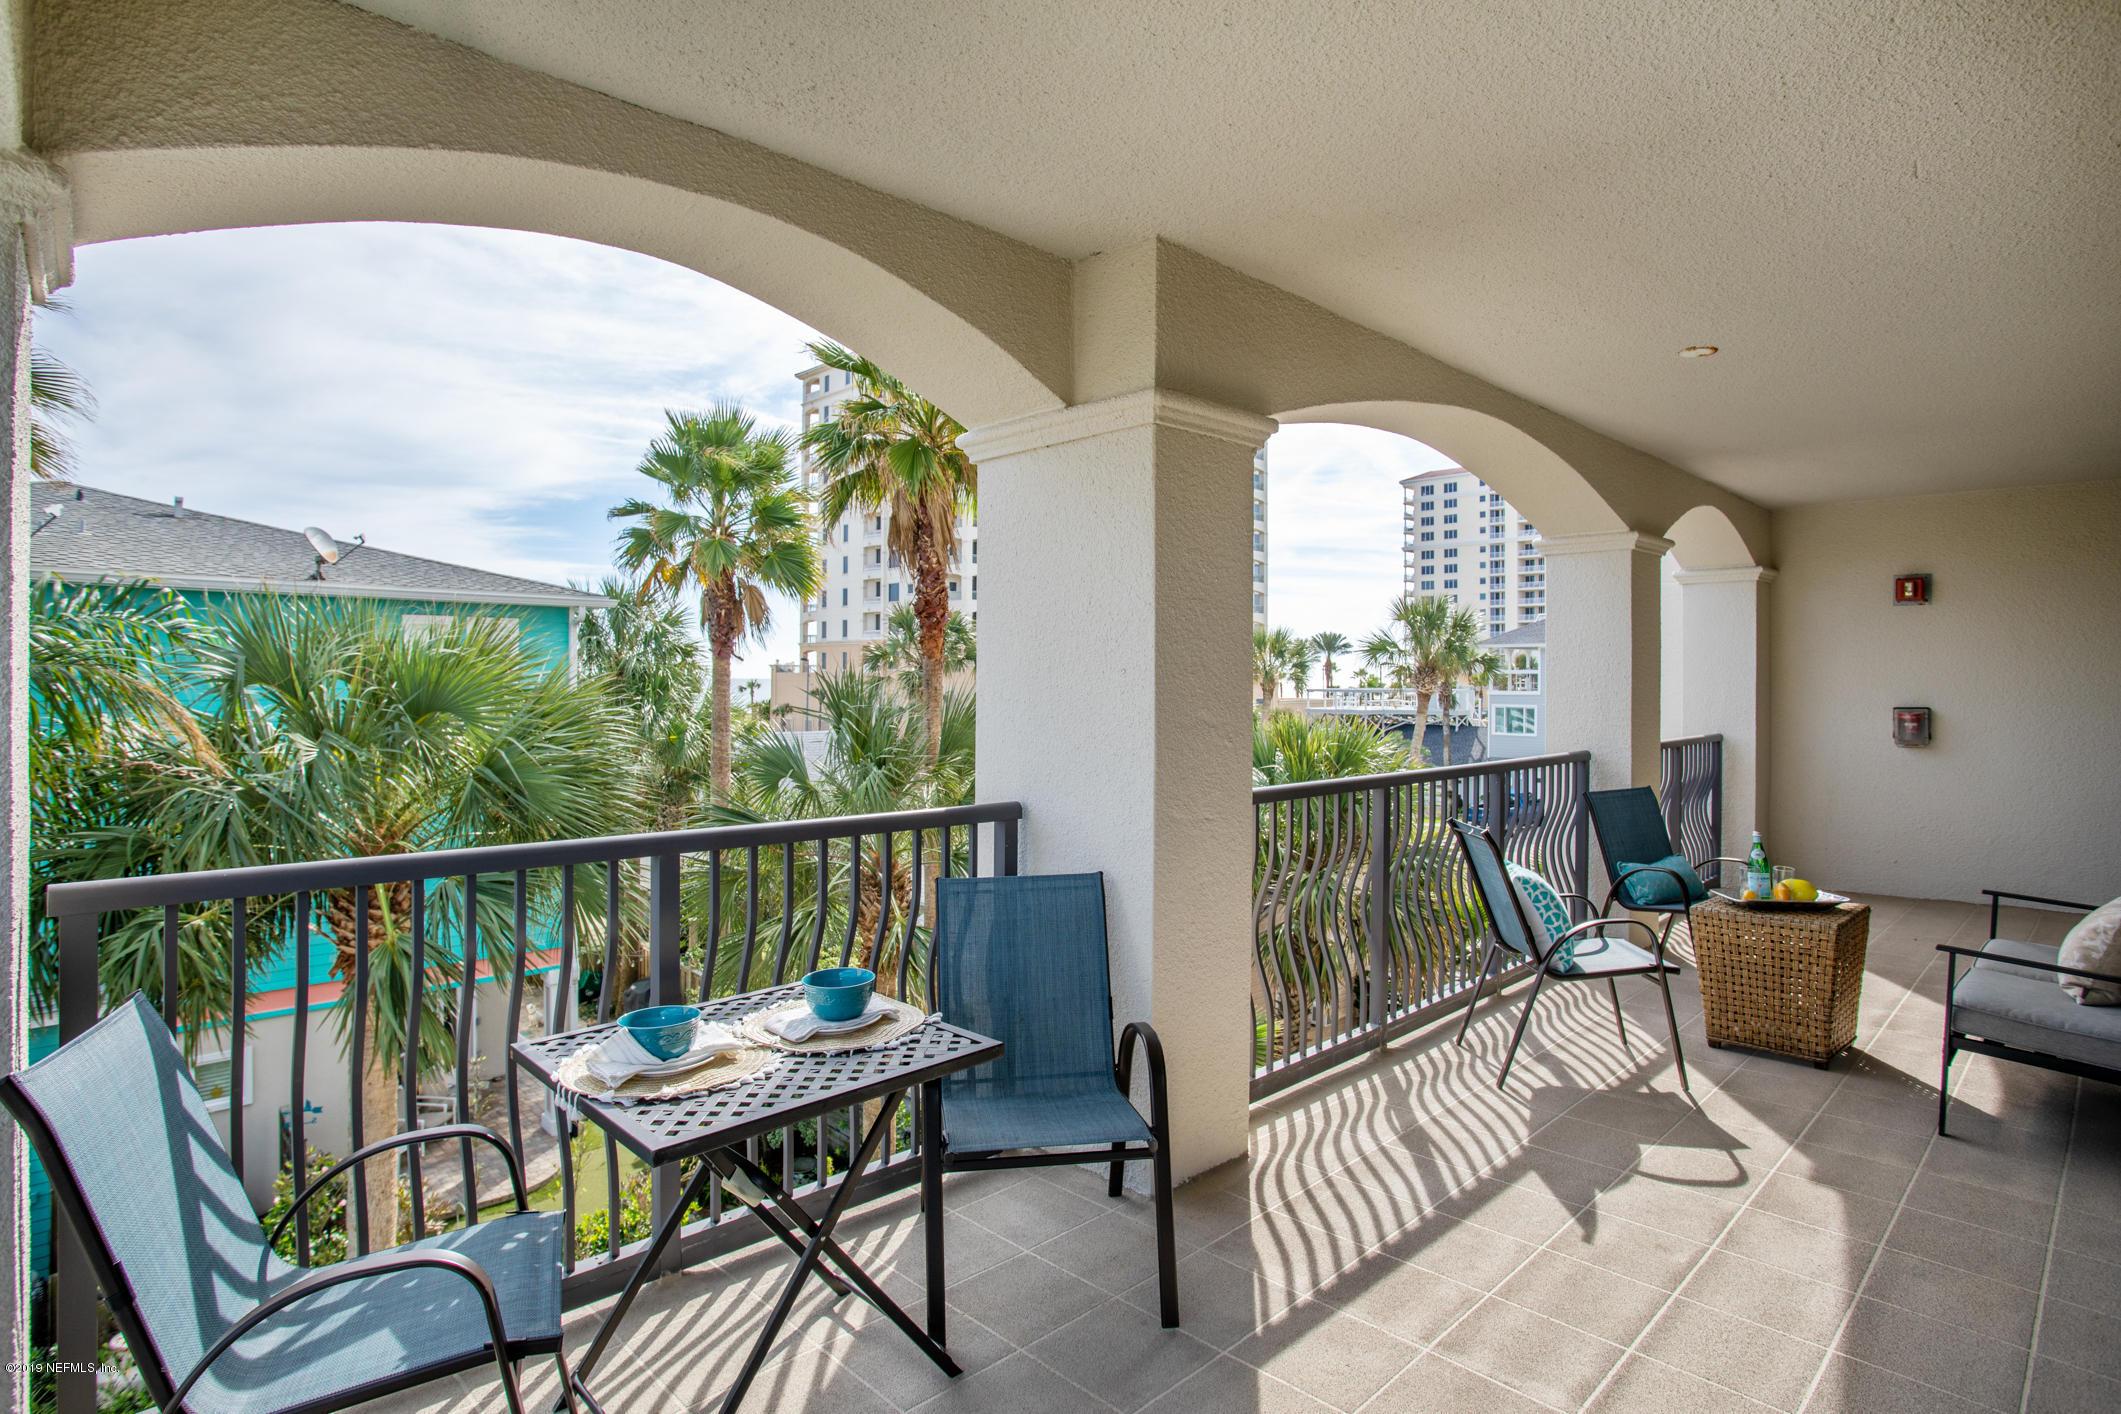 115 9TH- JACKSONVILLE BEACH- FLORIDA 32250, 3 Bedrooms Bedrooms, ,3 BathroomsBathrooms,Condo,For sale,9TH,1021548